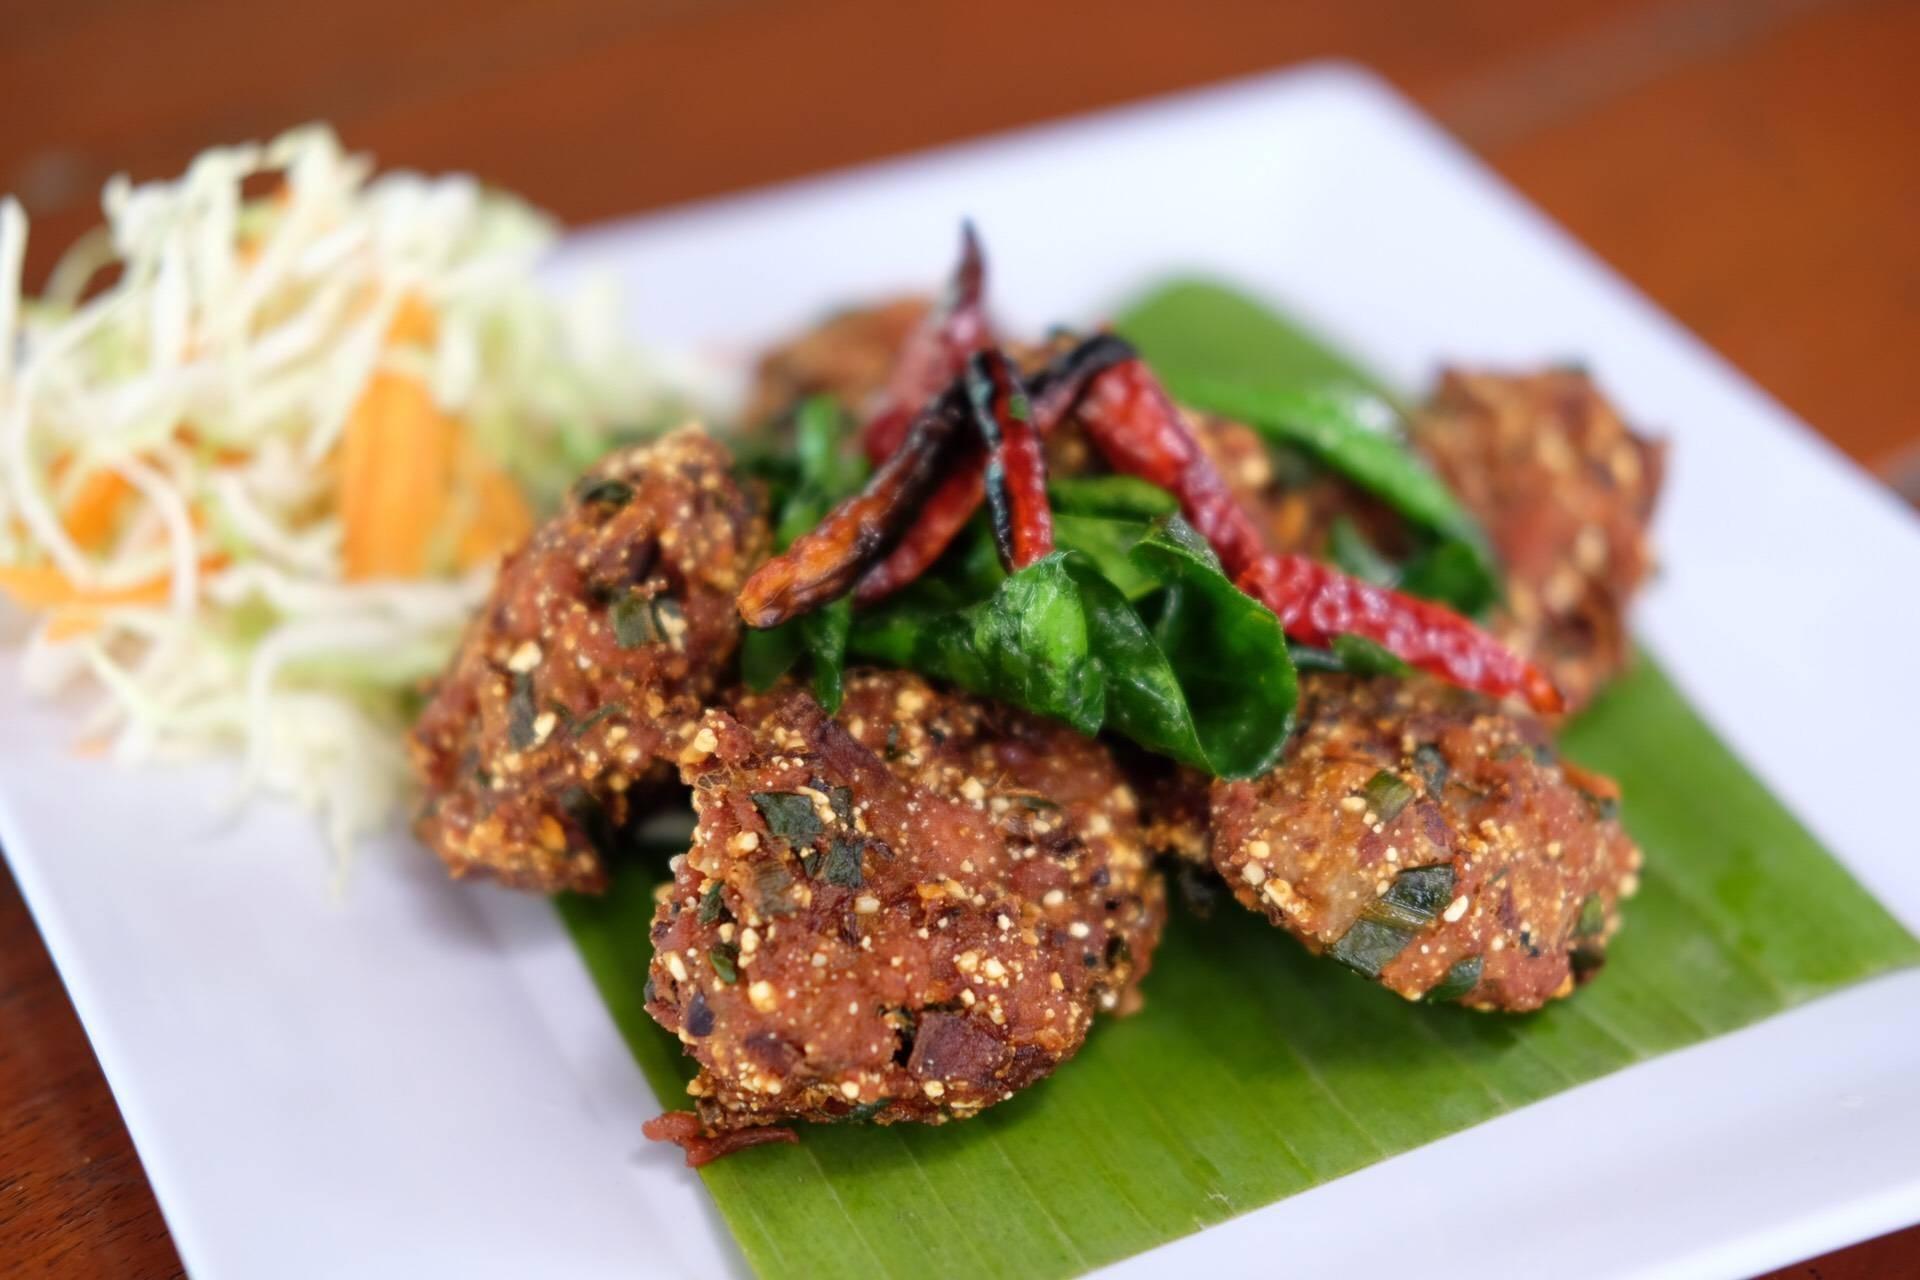 ค้นหาร้านอาหาร โรงแรม ที่พัก สถานที่ท่องเที่ยว ร้านเสริมสวยและสปา ใน สุพรรณบุรี